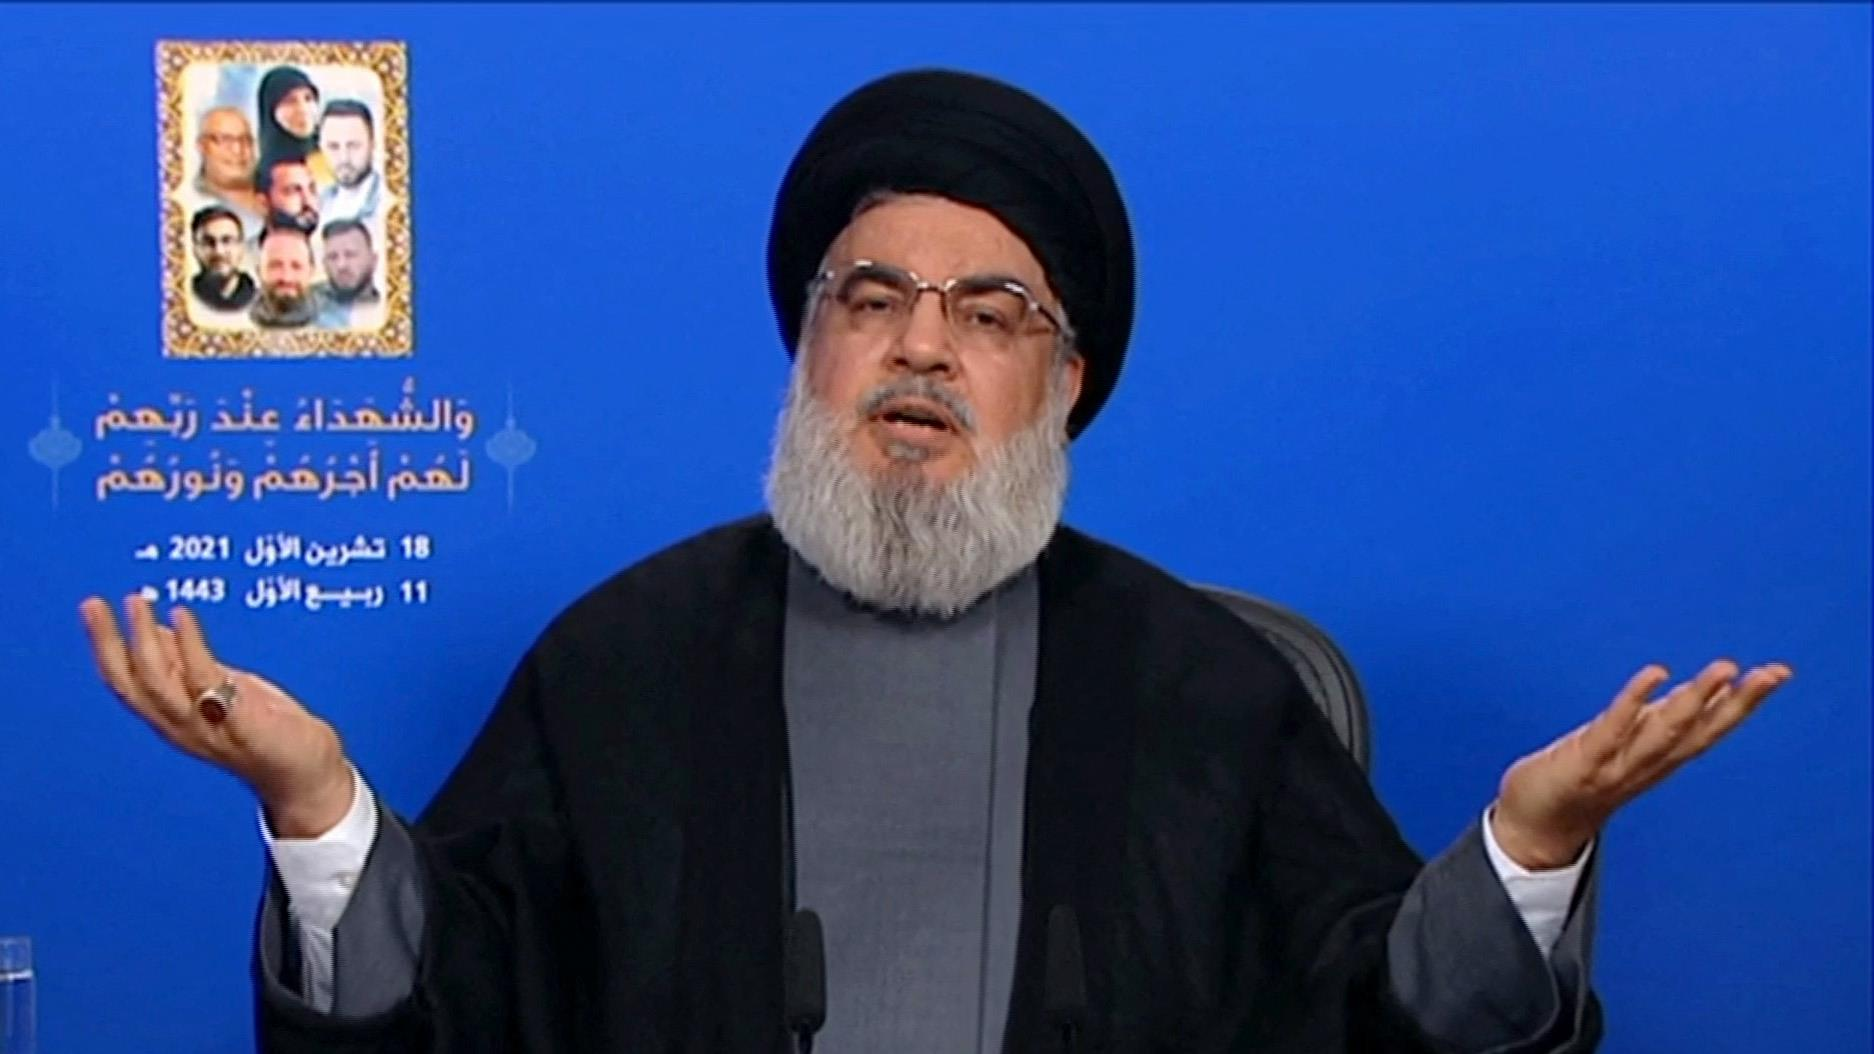 A sokak által terrorszervezetnek tartott Hezbollah vezetője arról hencegett, hogy százezer fegyverese és kiképzett harcosa van